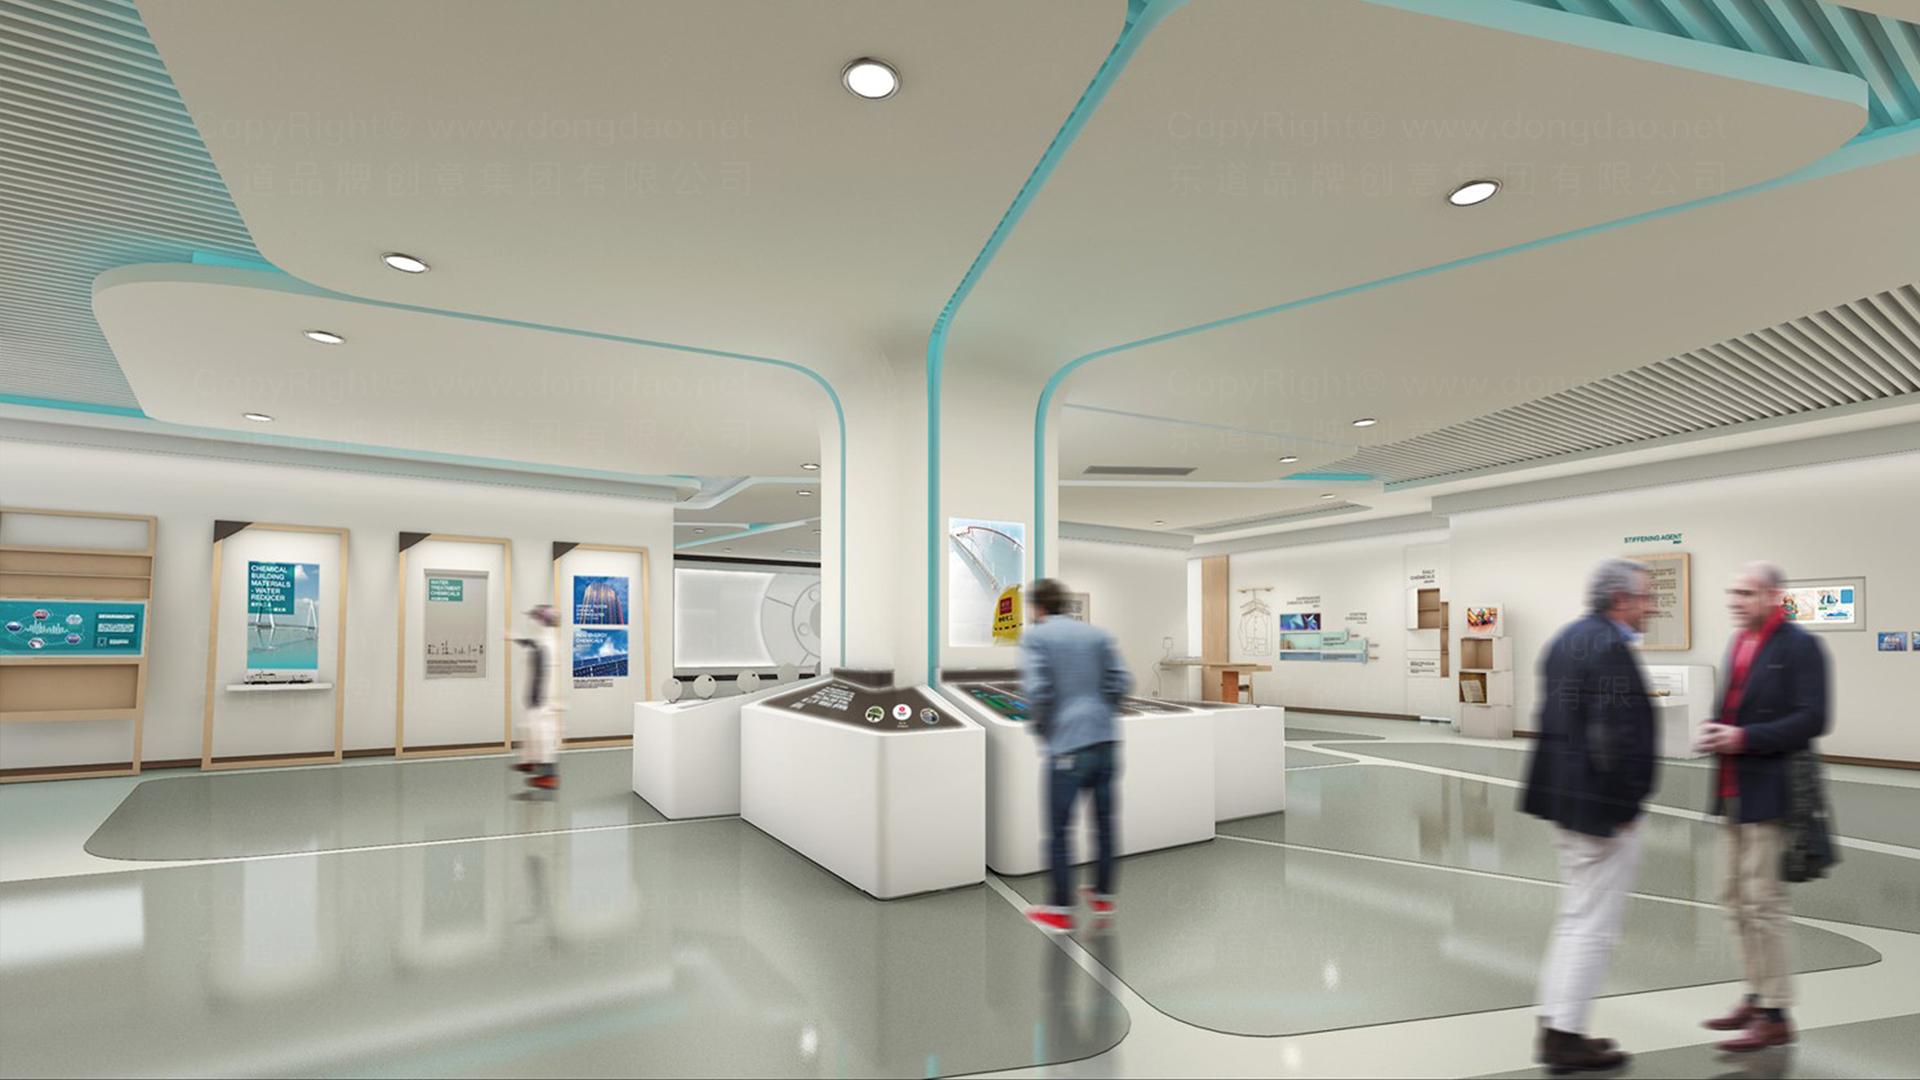 商业空间&导示传化支付展厅设计应用场景_4